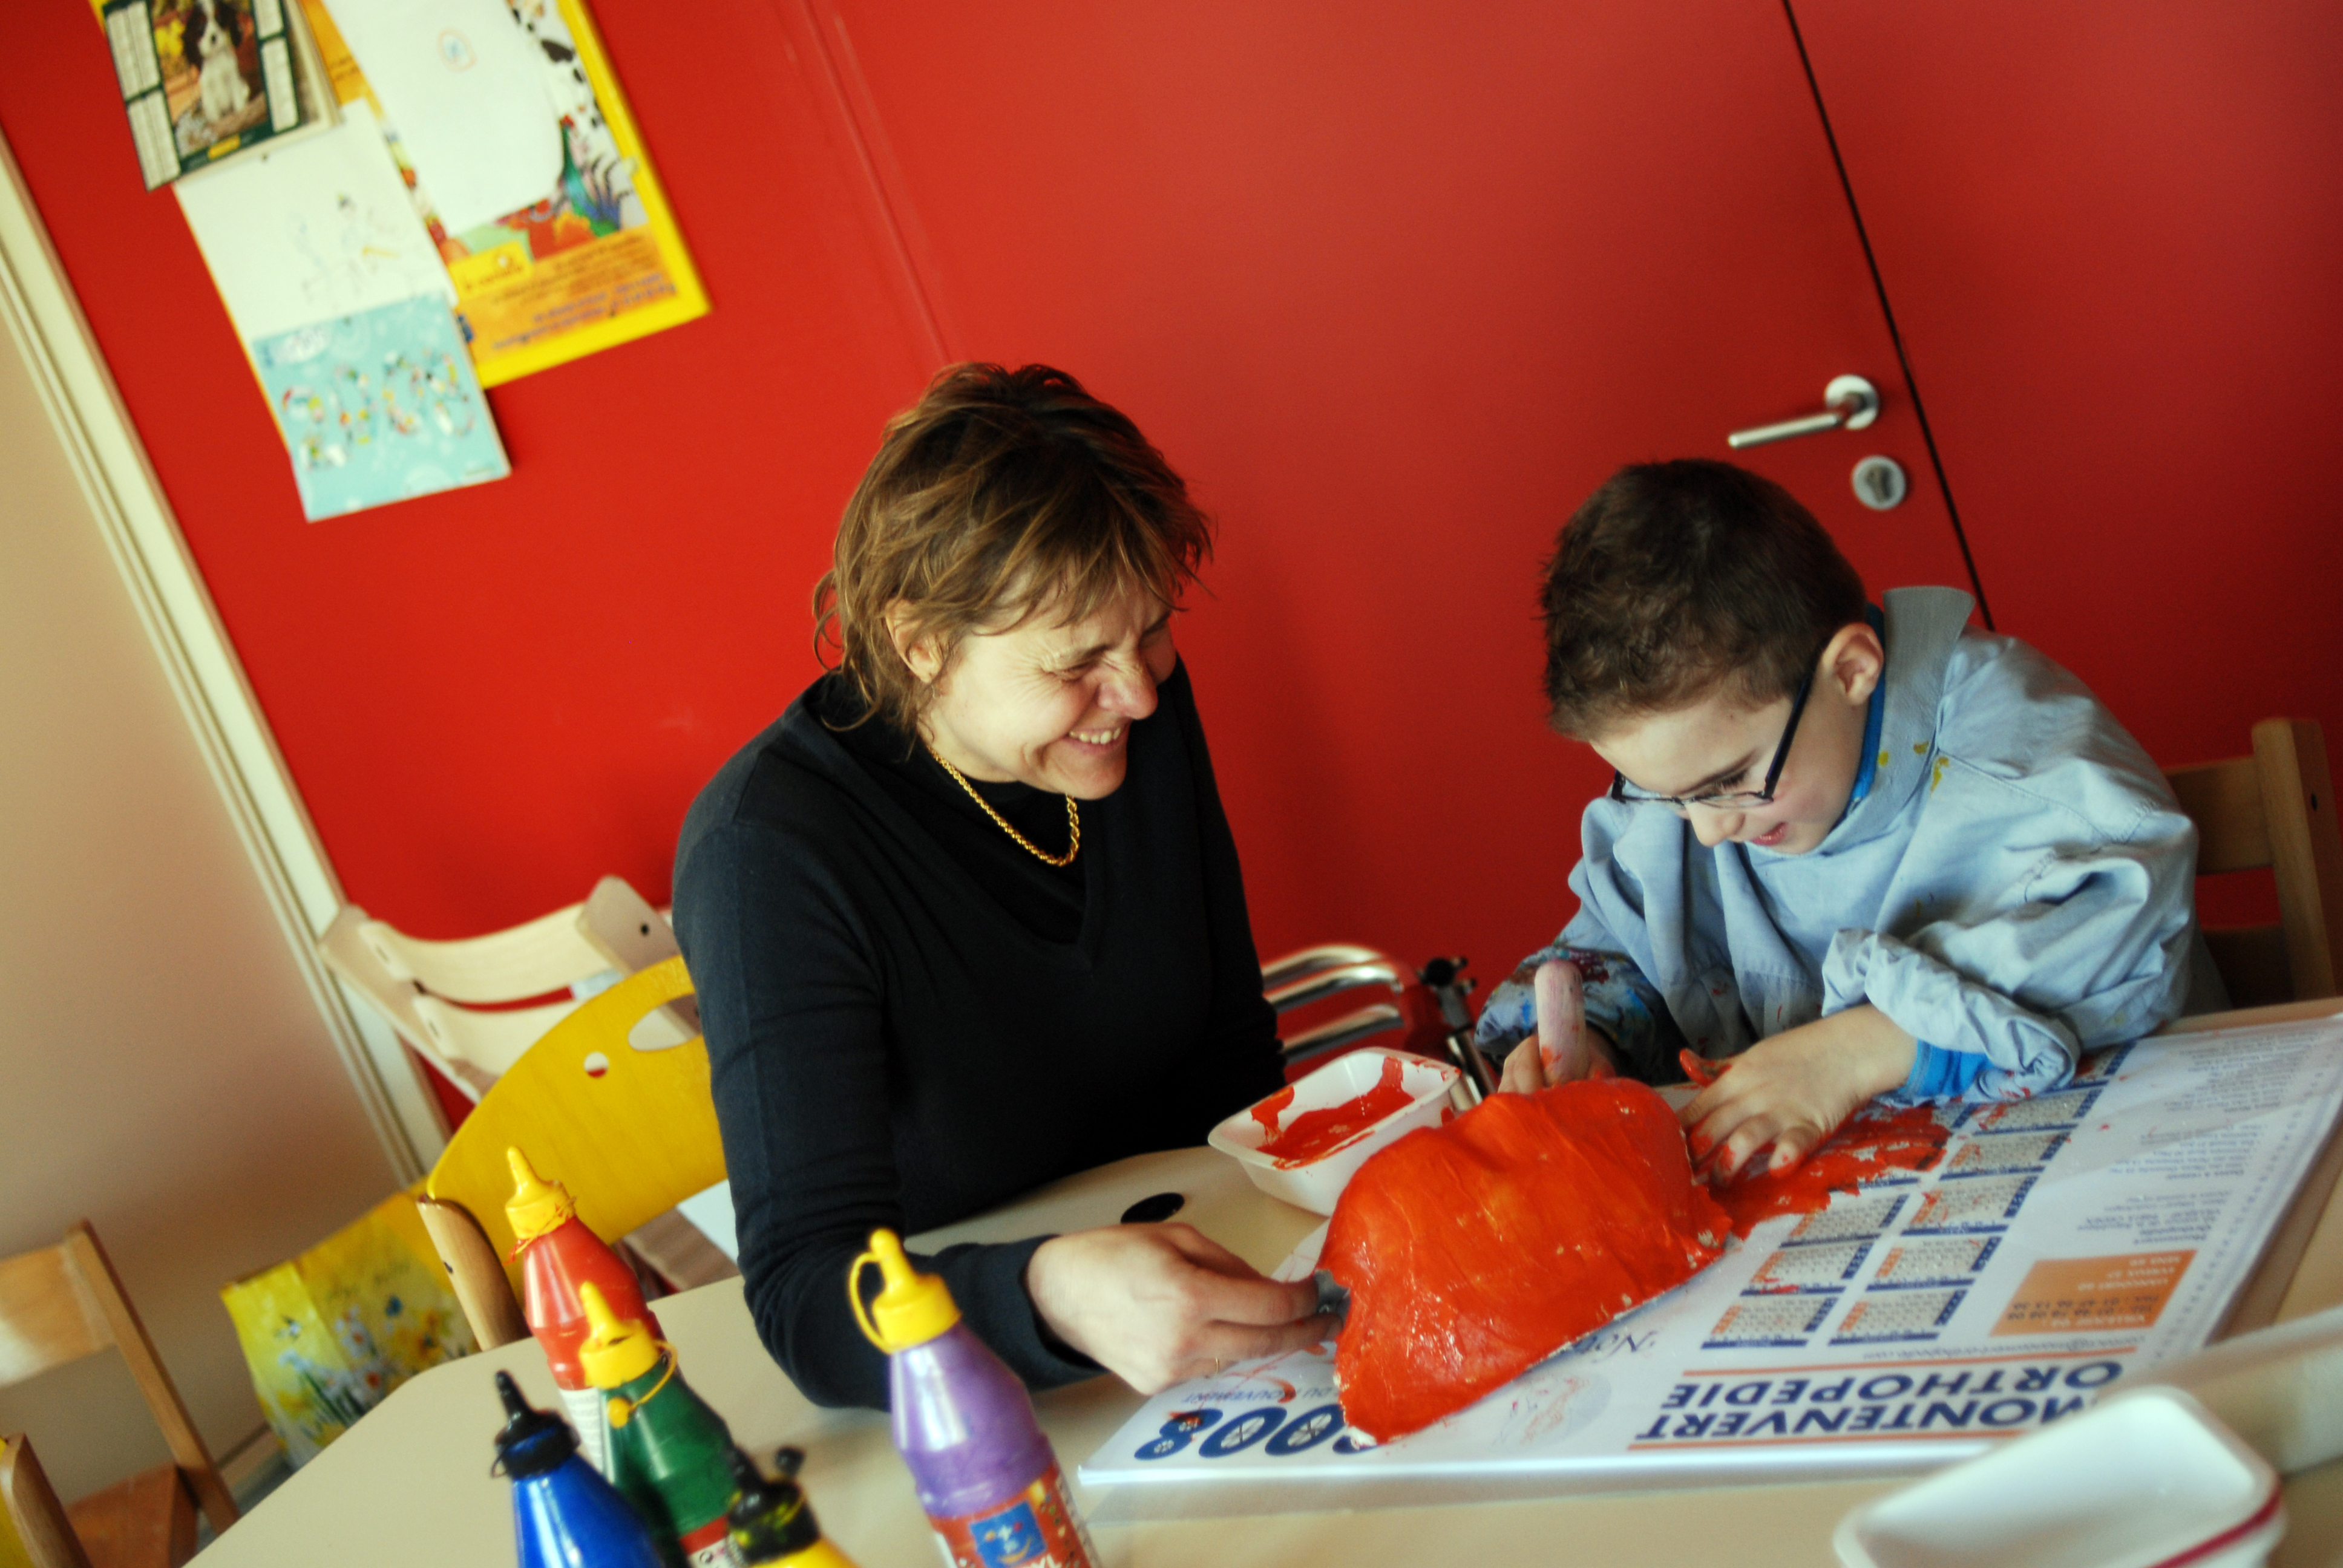 enfants handicap s les oubli s de l aide domicile selon l enseigne hand o faire face. Black Bedroom Furniture Sets. Home Design Ideas